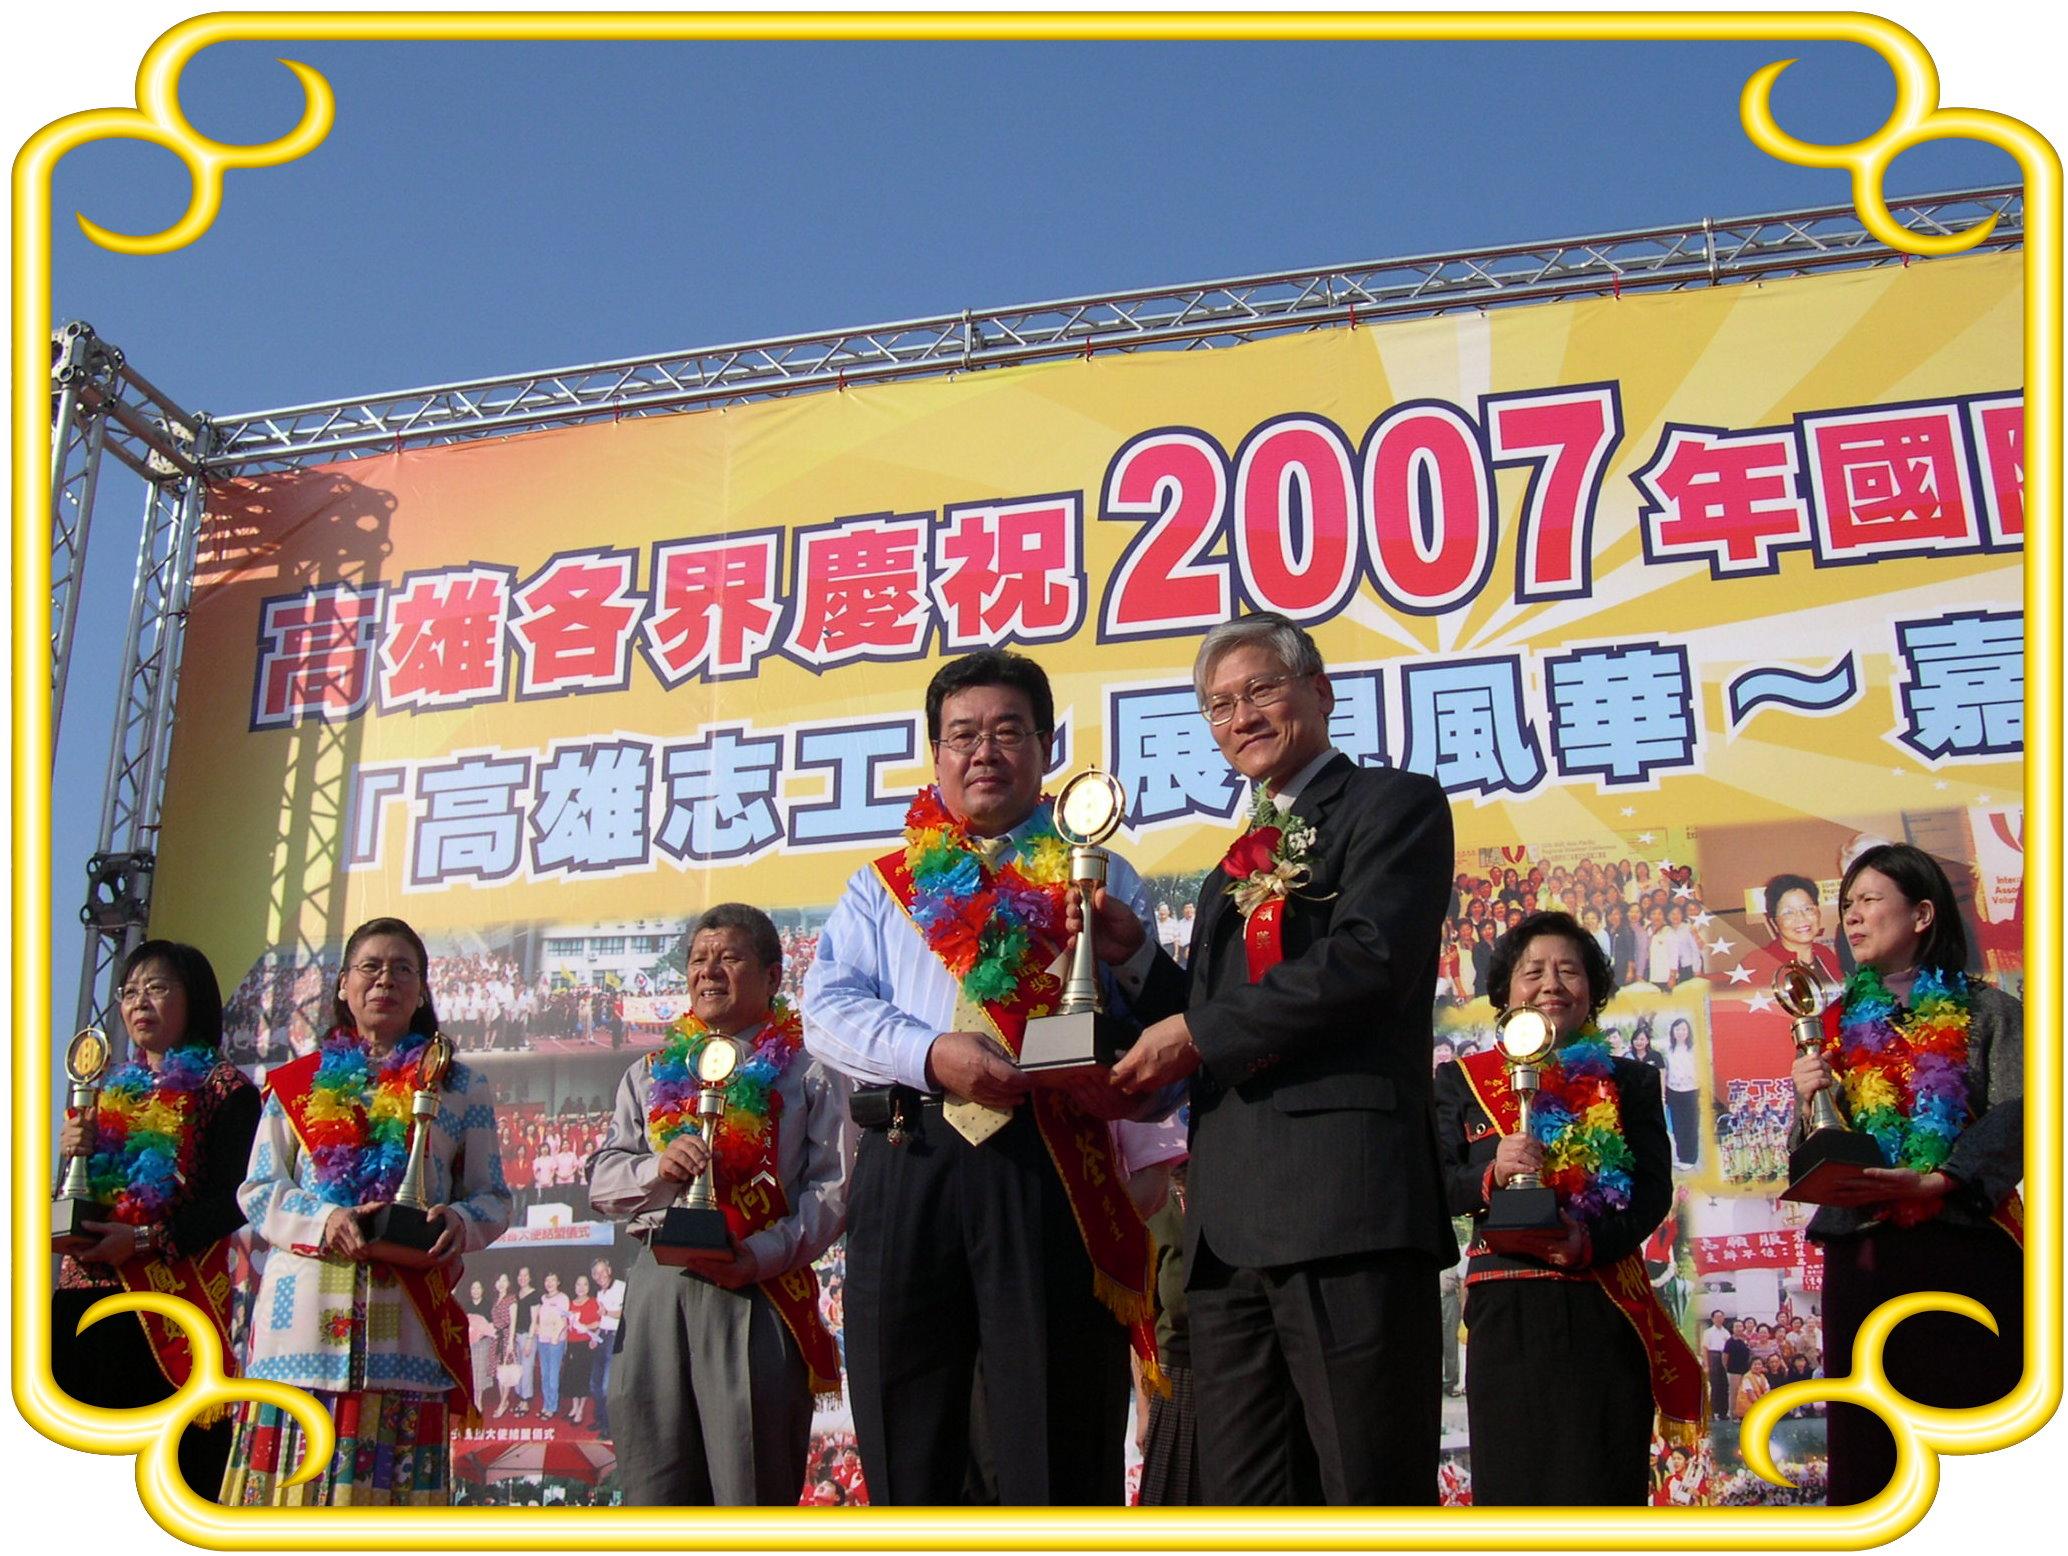 96年黃裕荃先生榮獲高雄市第12屆志工金暉獎